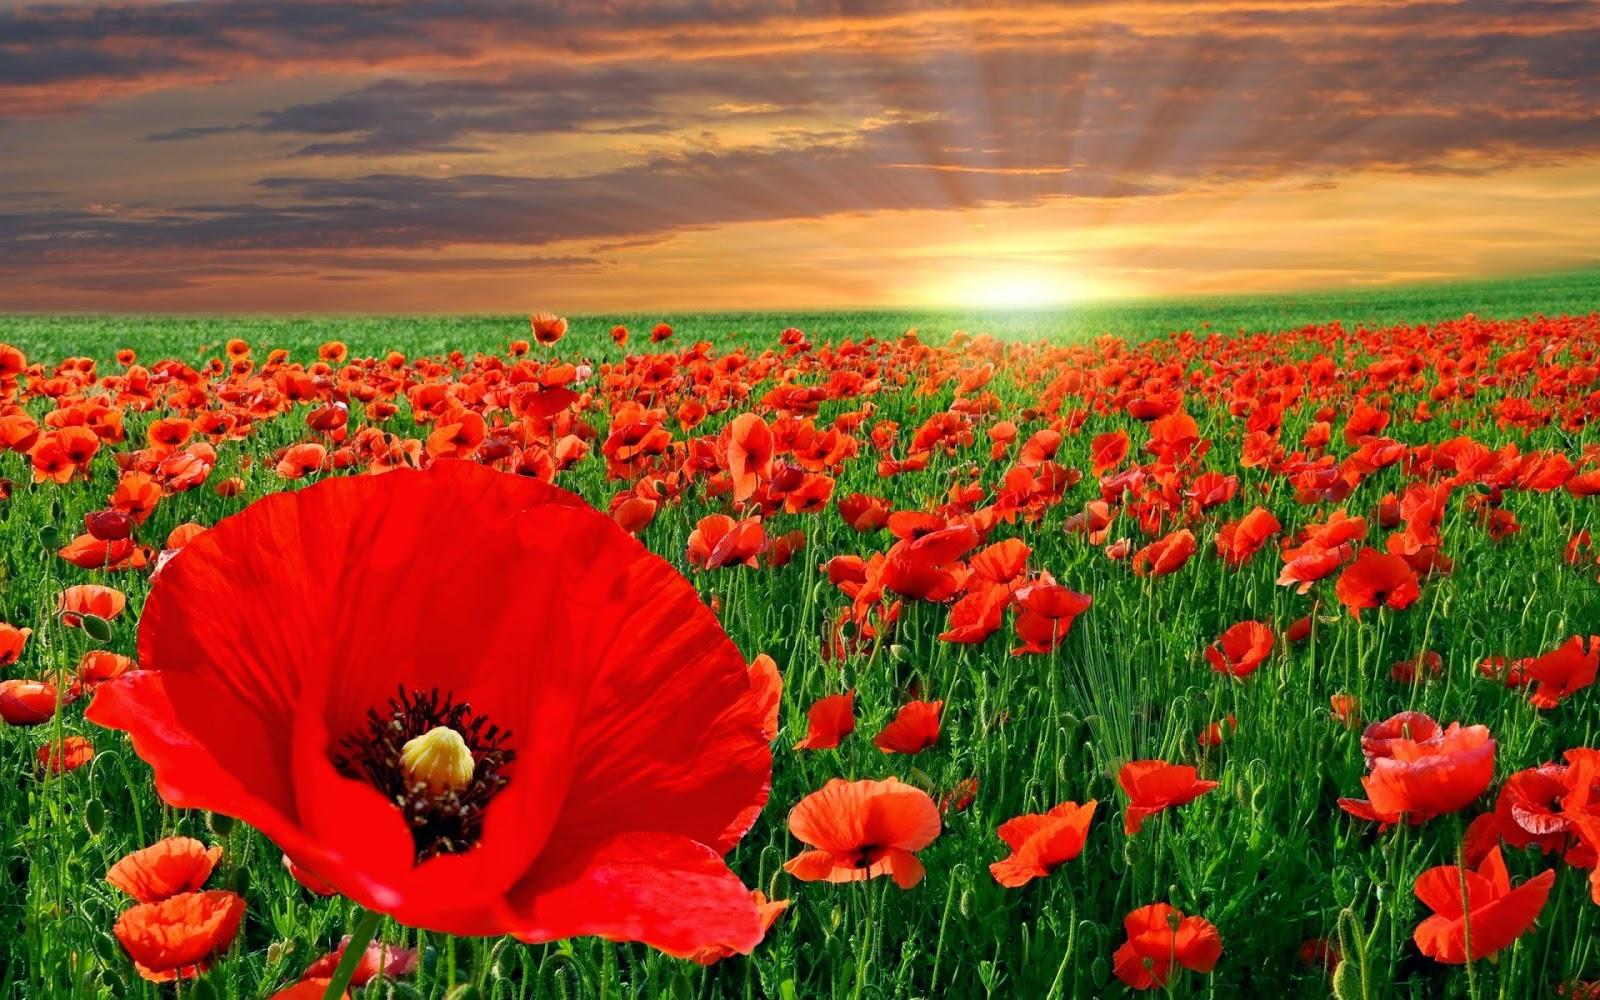 أجمل صورة زهرة حمراء